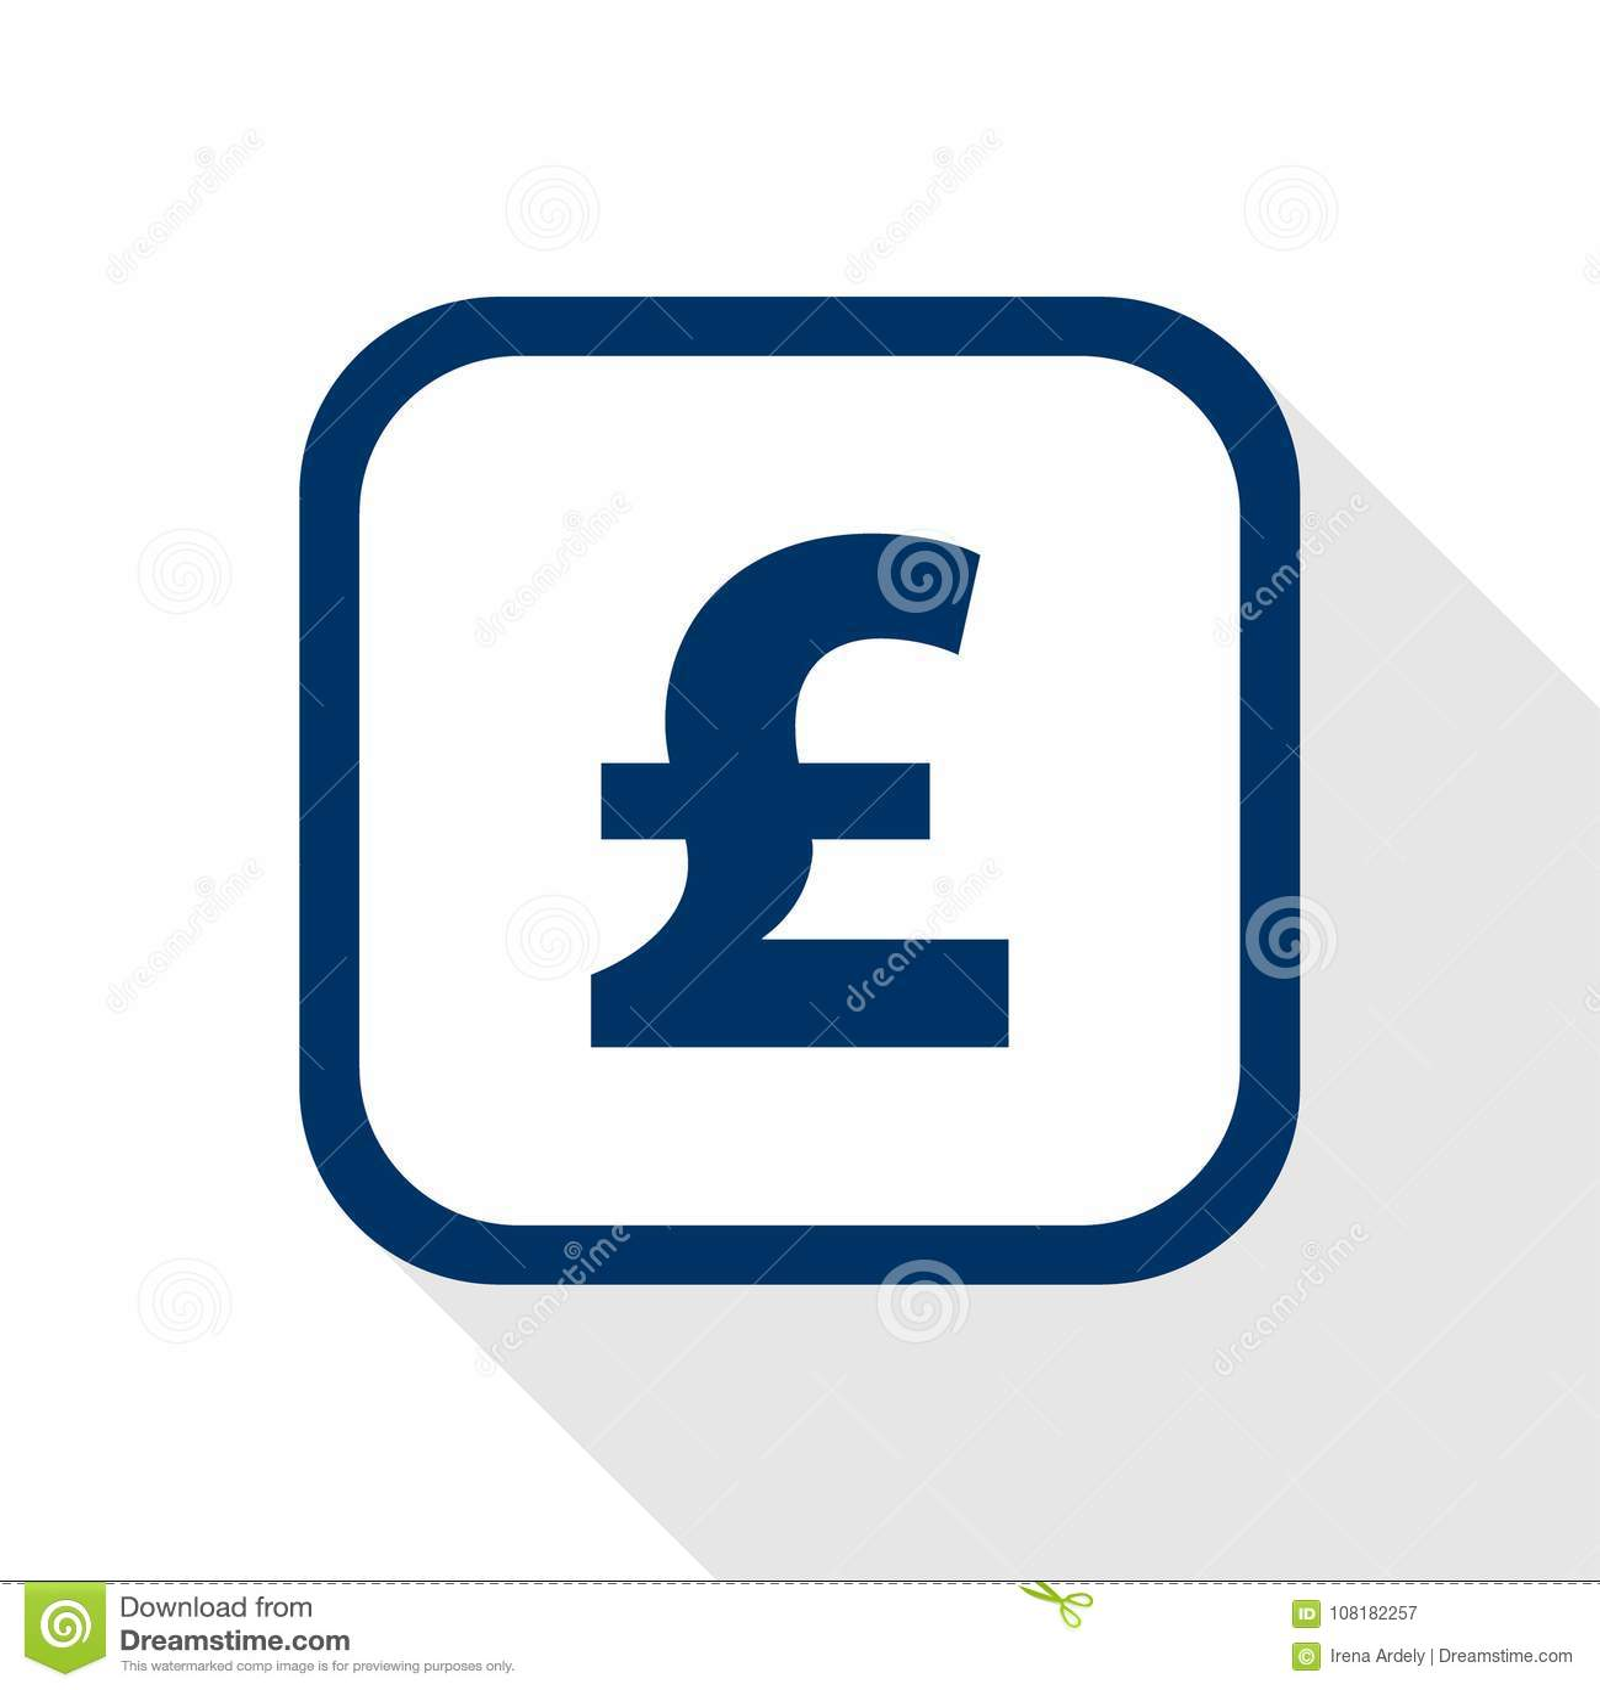 Vector голубой фунт значка с округленными углами и длинная тень - валюта символа Великобритании в плоском дизайне